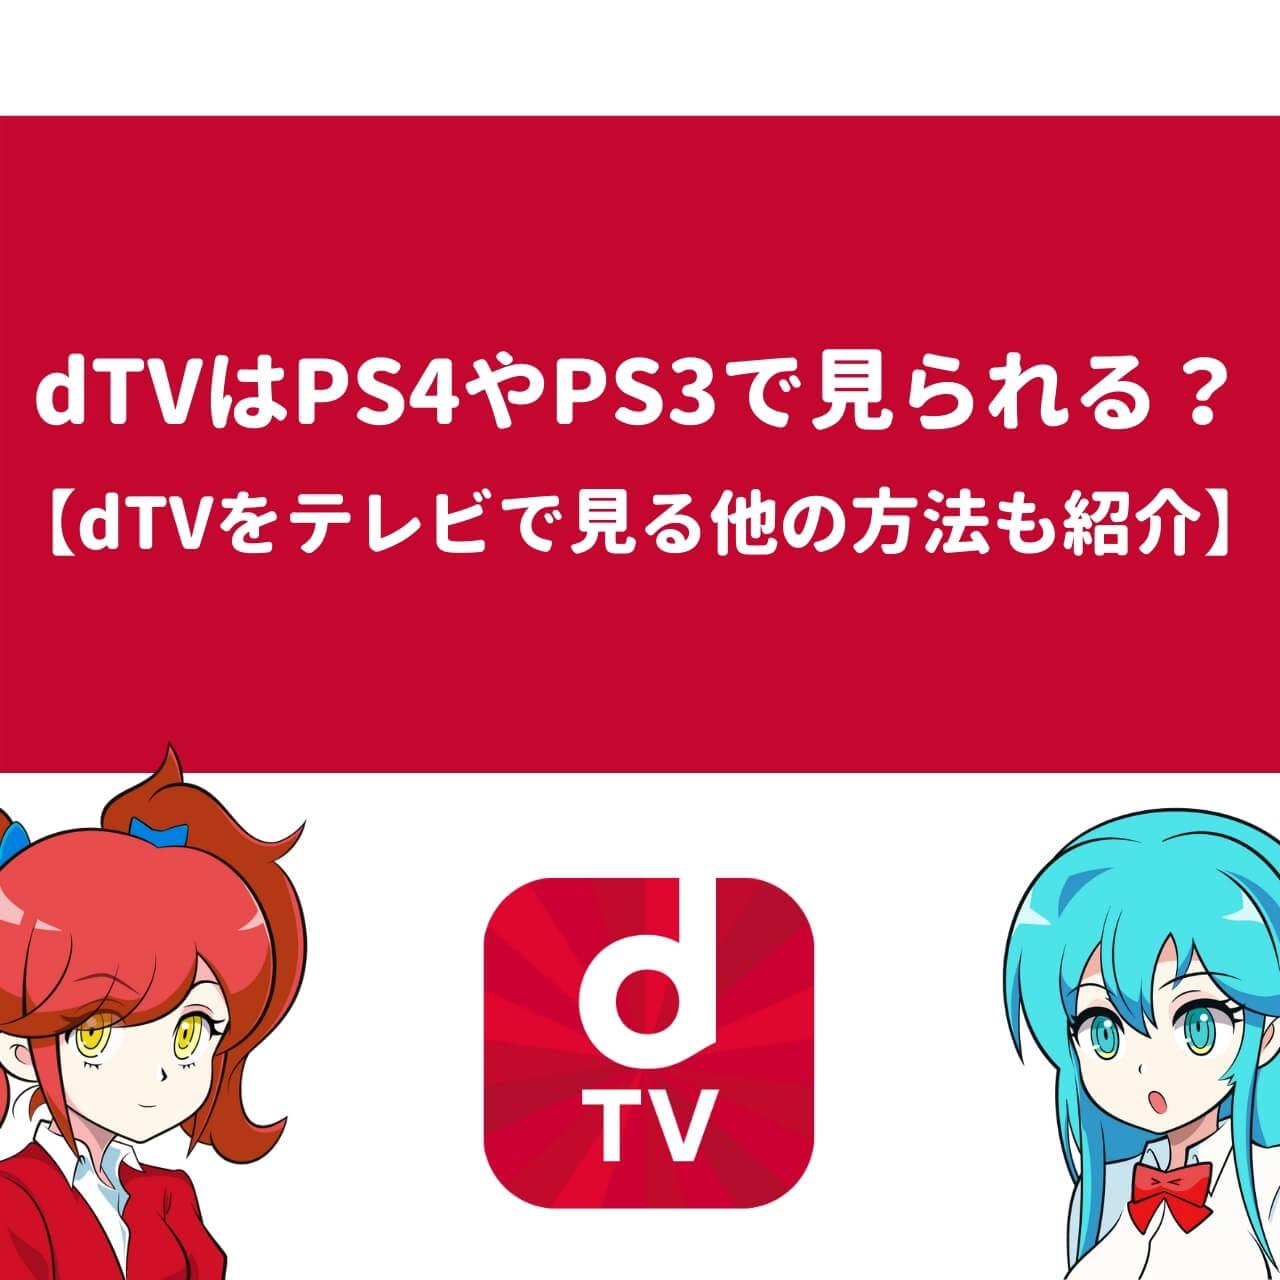 dTVはPS4やPS3で見られる?【dTVをテレビで見る他の方法も紹介】